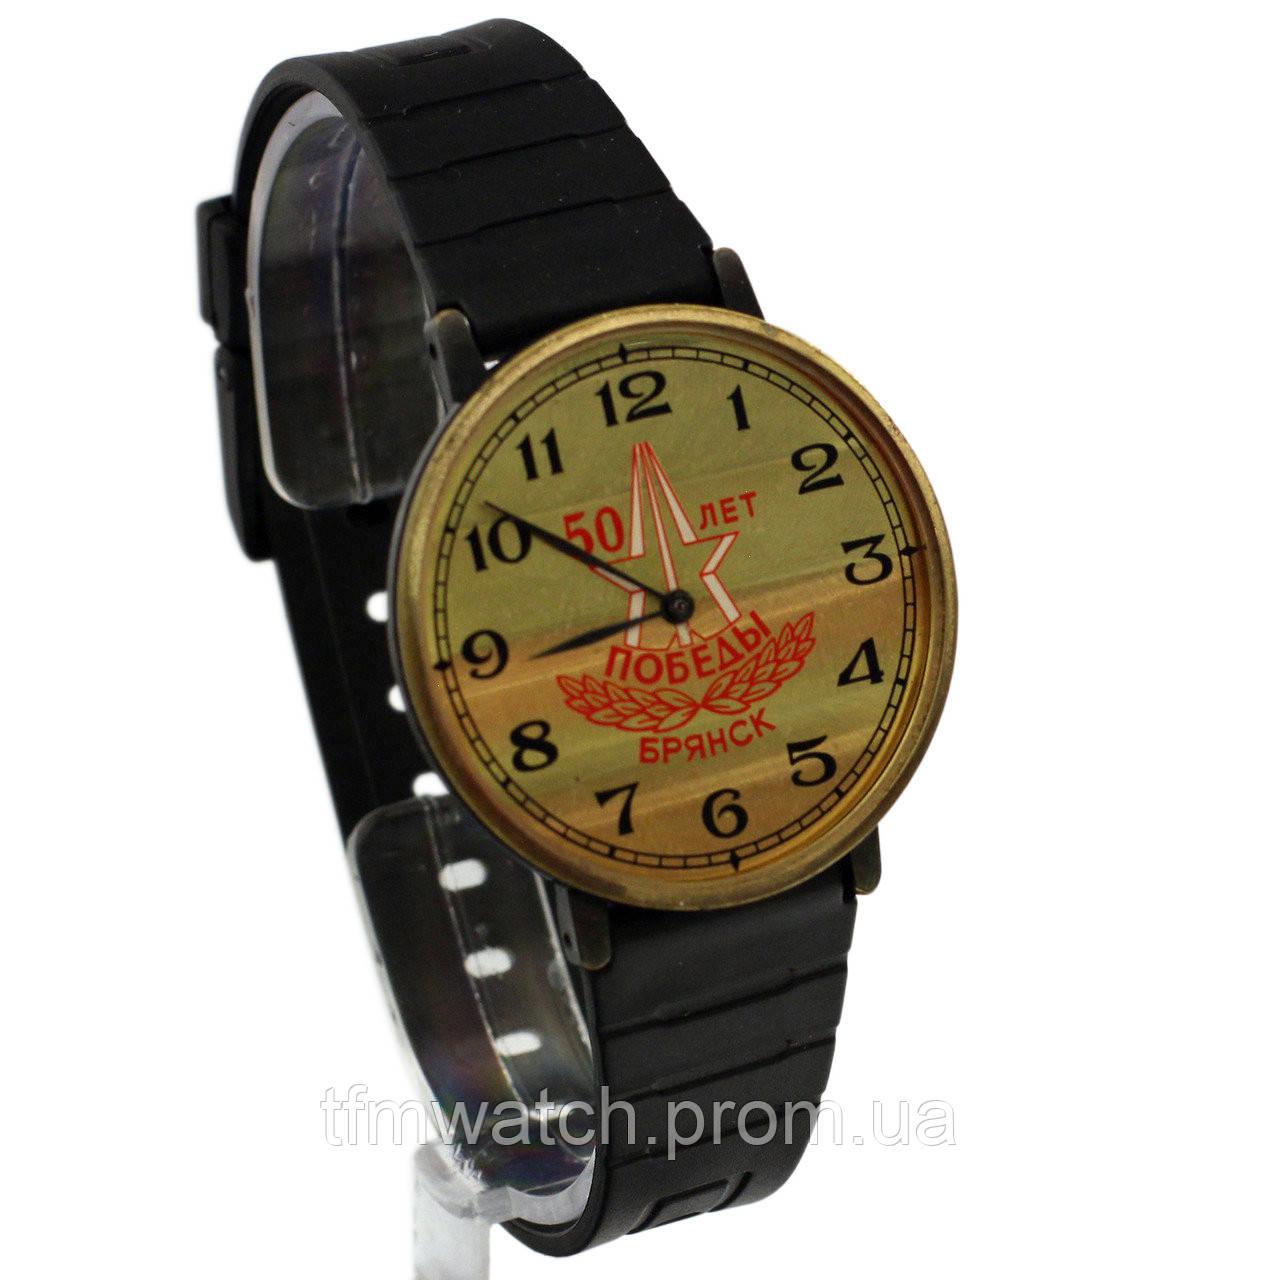 Брянске в часы продать на браслета стоимость часах замены